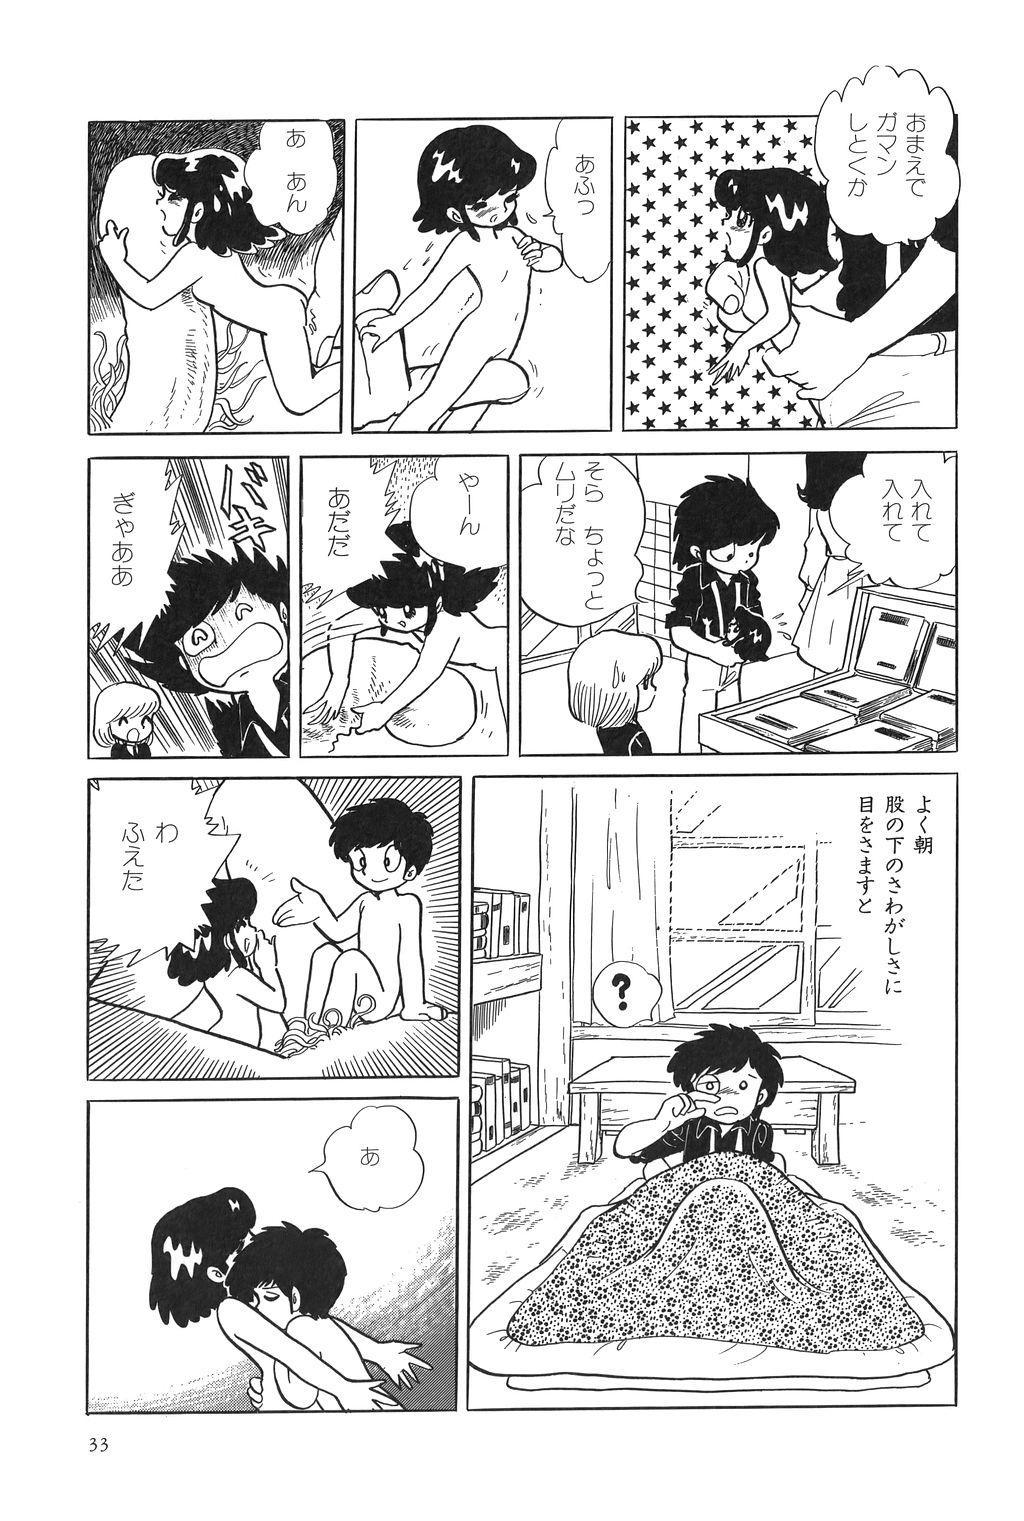 Azuma Hideo Sakuhin Shuusei - Yoru no Tobari no Naka de 37